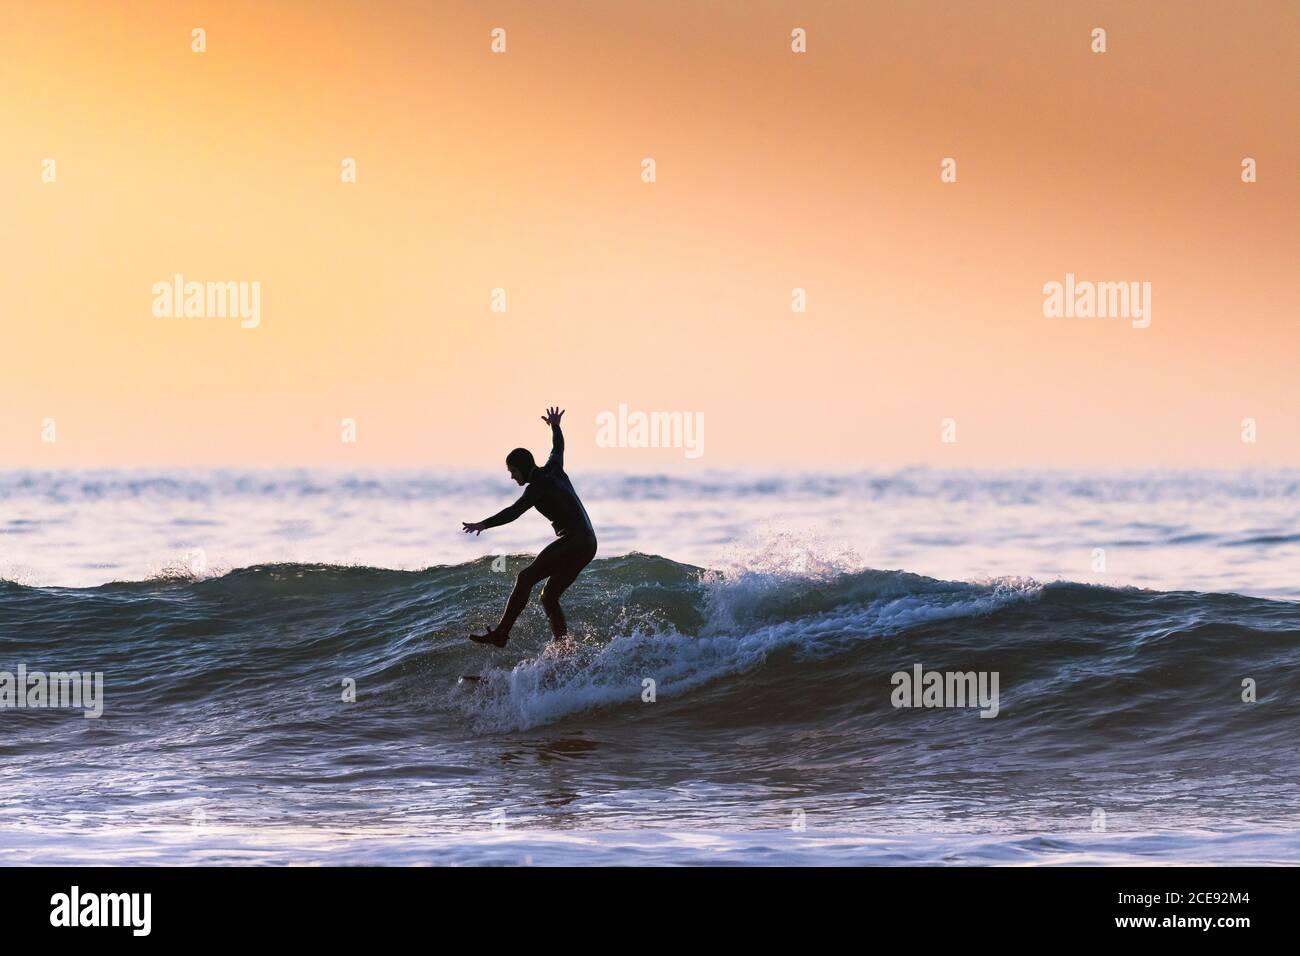 Un surfeur qui monte une vague et se tient sur une jambe en soirée à Fistral, à Newquay, en Cornwall. Banque D'Images